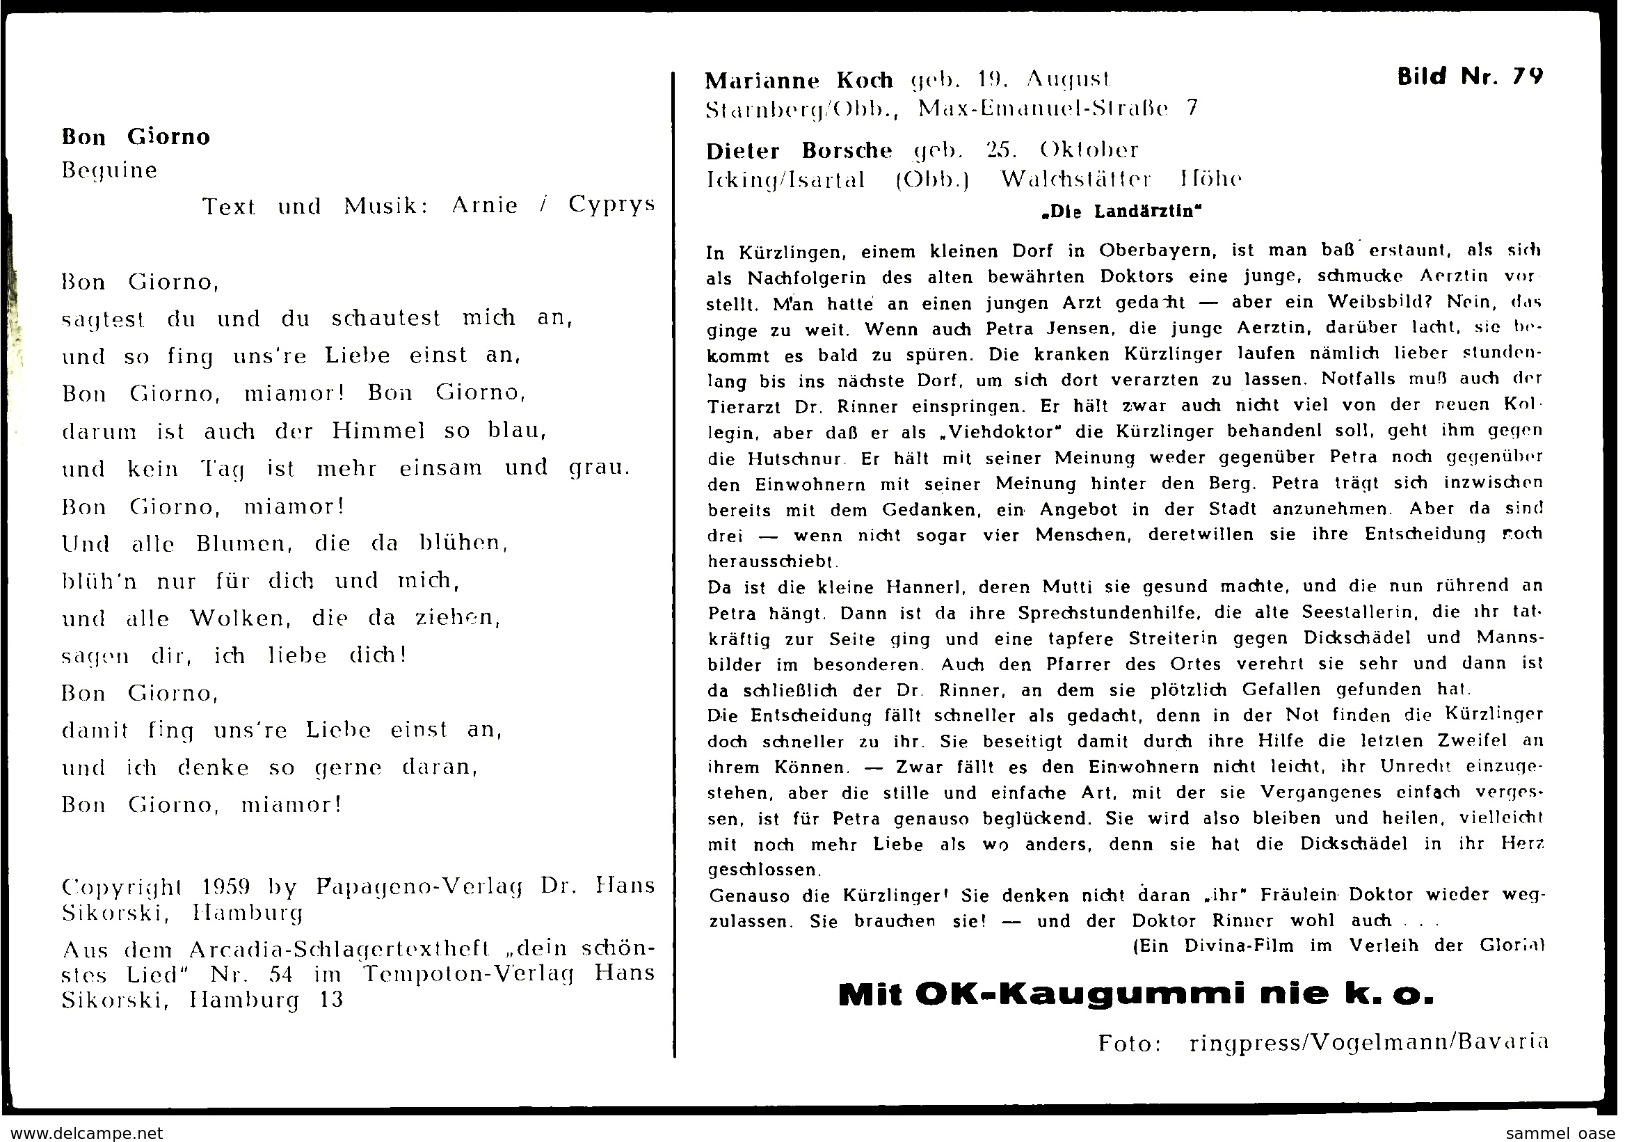 Ca. 1958  -  Sammelbild OK-Kaugummi  -  Marianne Koch / Dieter Borsche  -  Bild Nr. 79 - Süsswaren